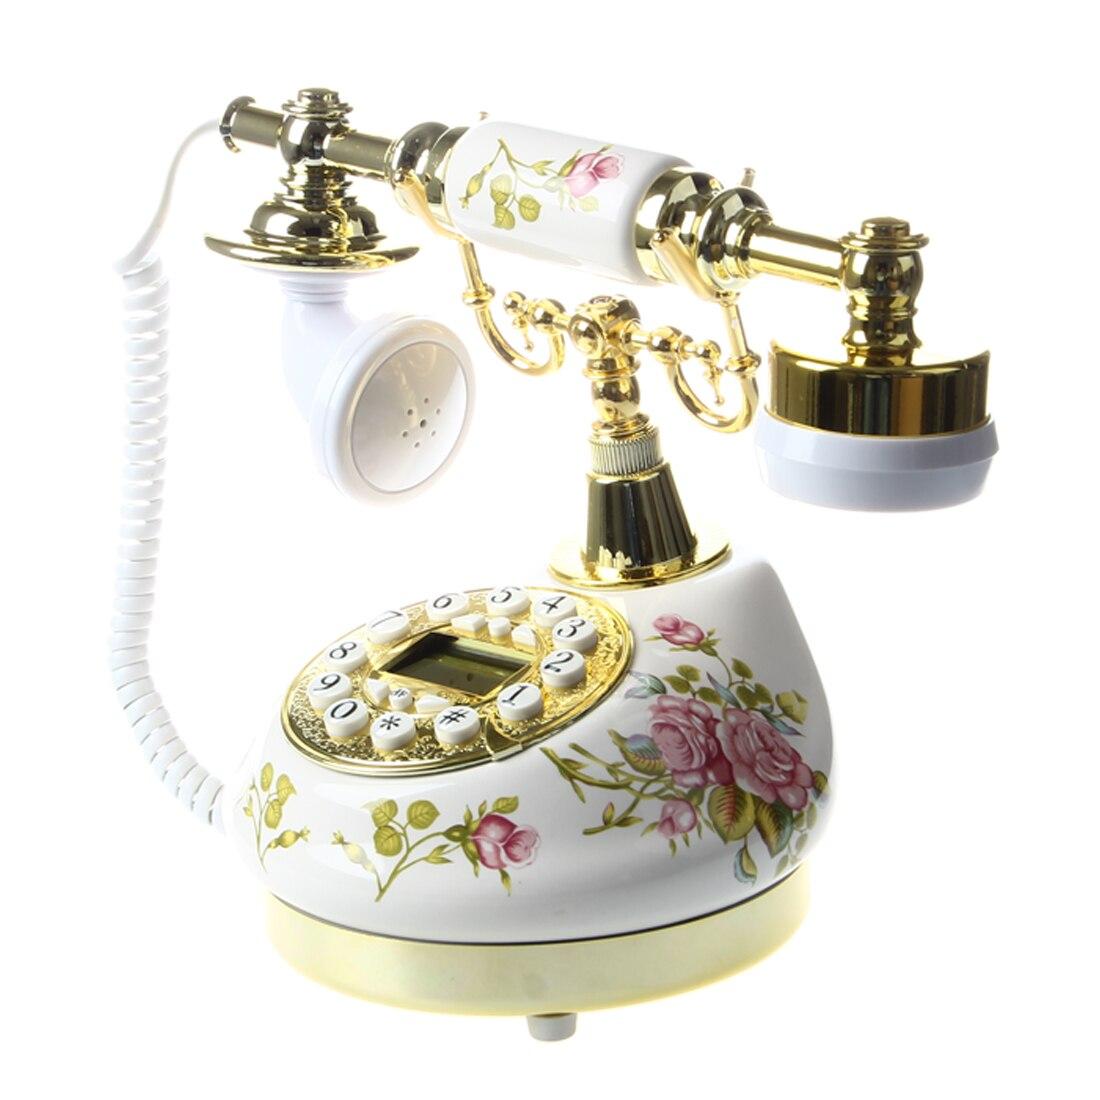 Antique Designer Phone nostalgia telescope vintage telephone ceramic MS-9100 Floral Corded PhoneAntique Designer Phone nostalgia telescope vintage telephone ceramic MS-9100 Floral Corded Phone